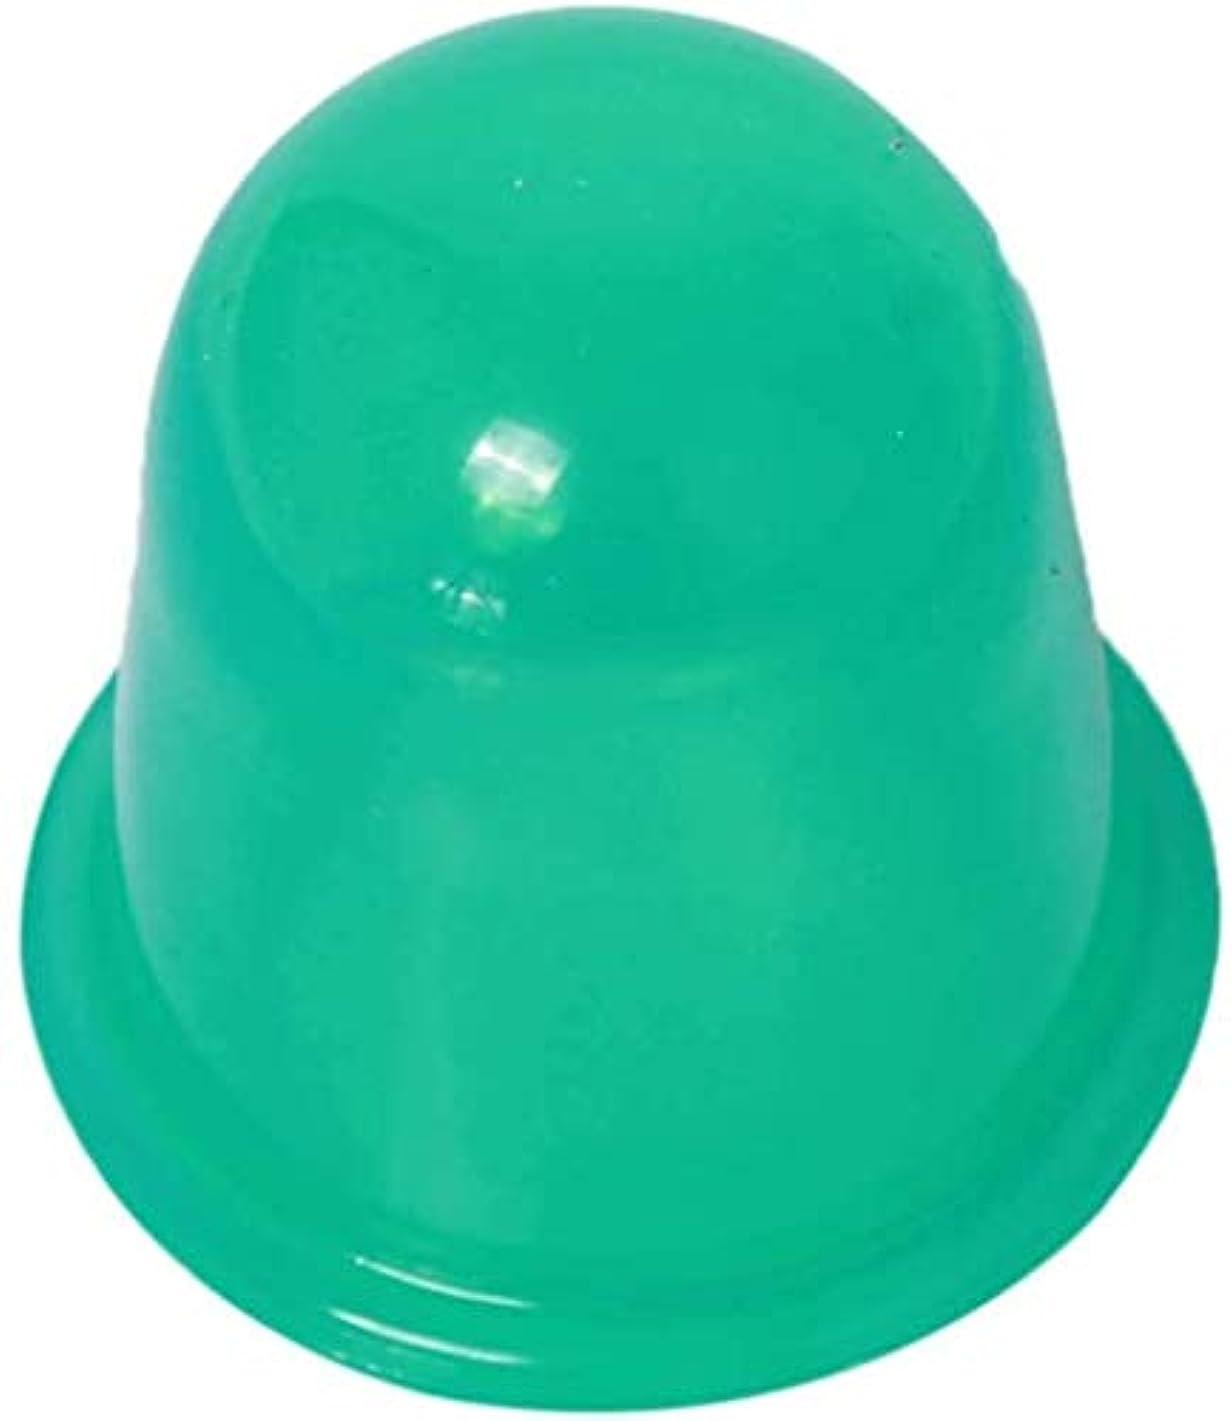 トラック虹不名誉なシリコーンカップ、浚渫経絡をカッピングカッピングデバイス、シリコンカッピングデバイス、バキューム、痛みを緩和し、血液循環を促進 (Color : 緑, Size : 2pcs)